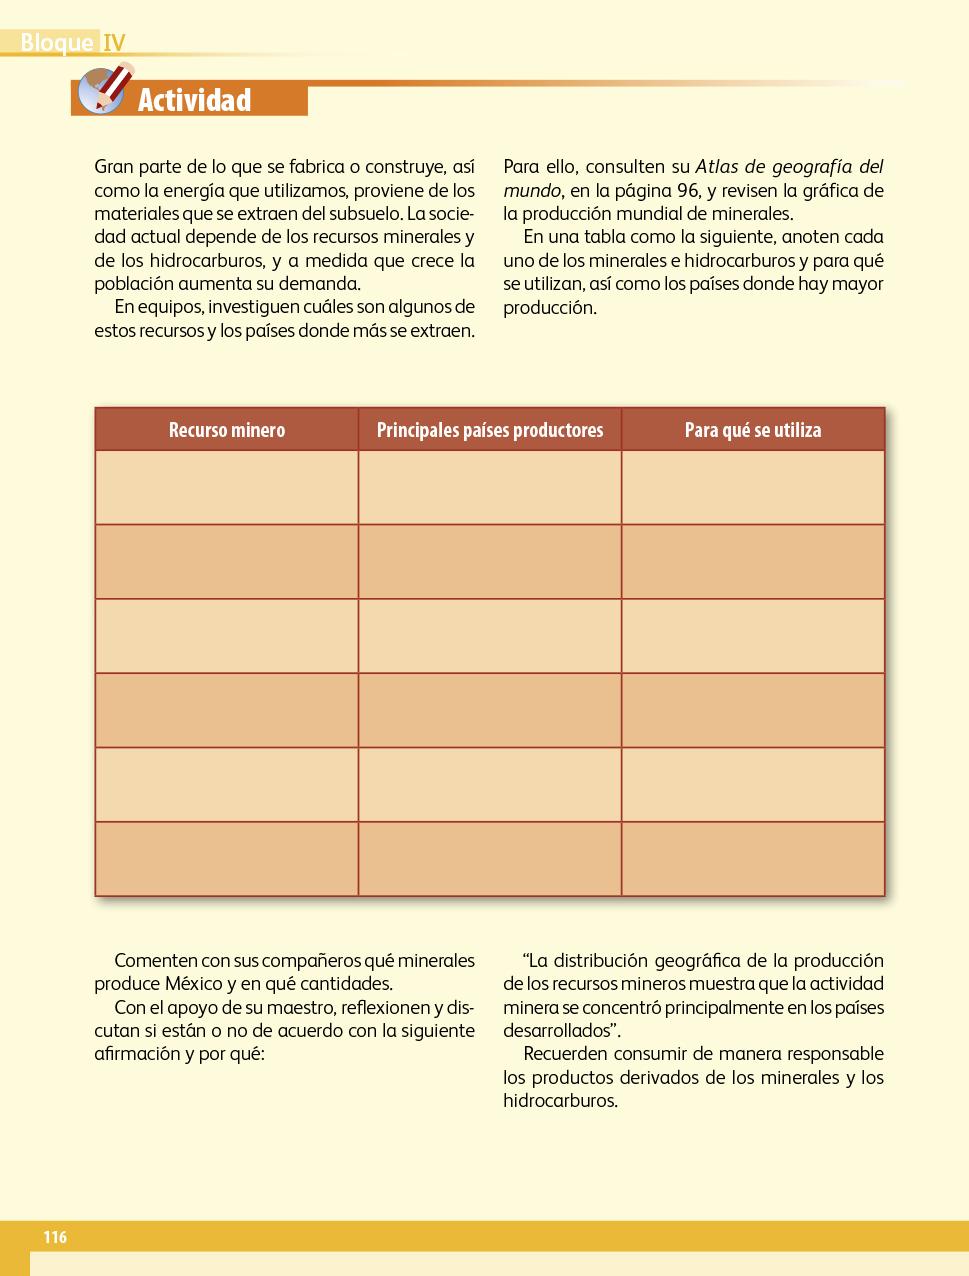 Geografía quinto grado 2017-2018 - Página 116 de 210 - Libros de Texto Online